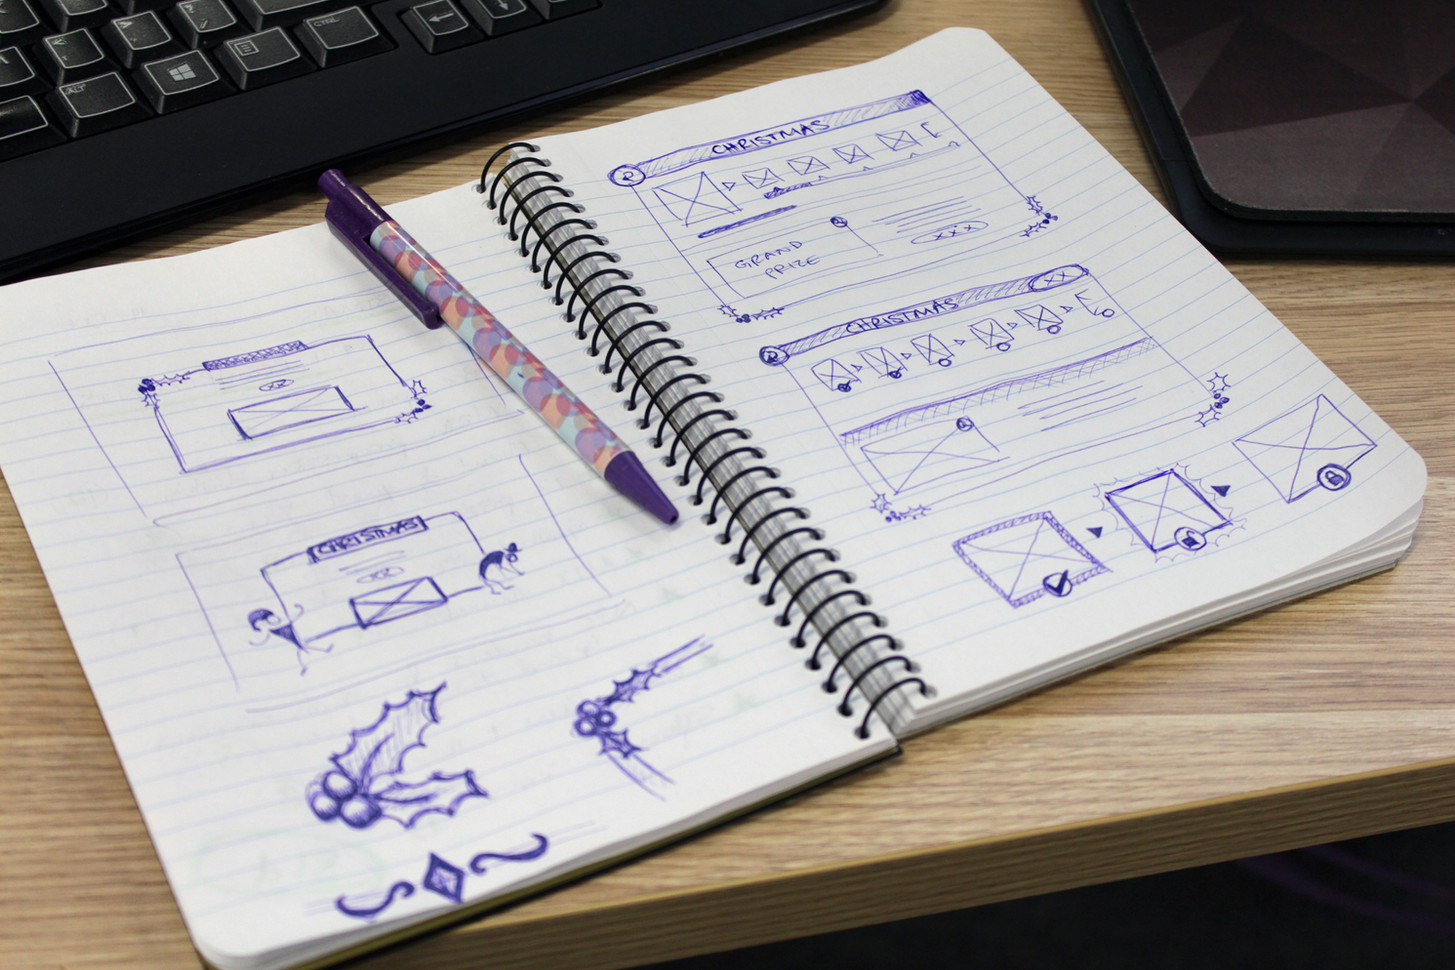 ui_sketches.jpg